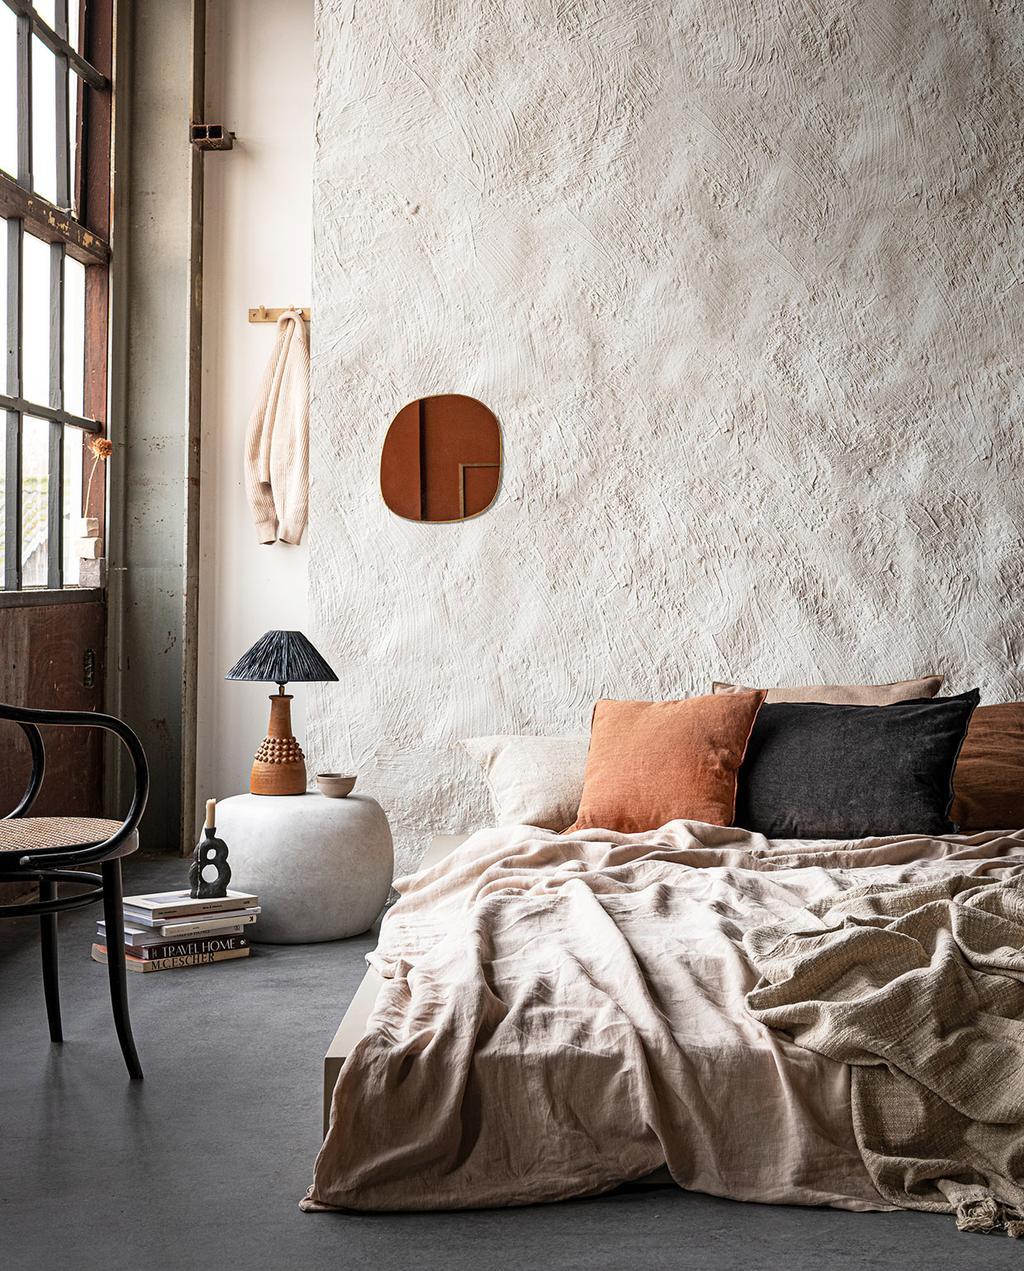 vtwonen 03-2021 | slaapkamer met bed en muurverf van chalk white